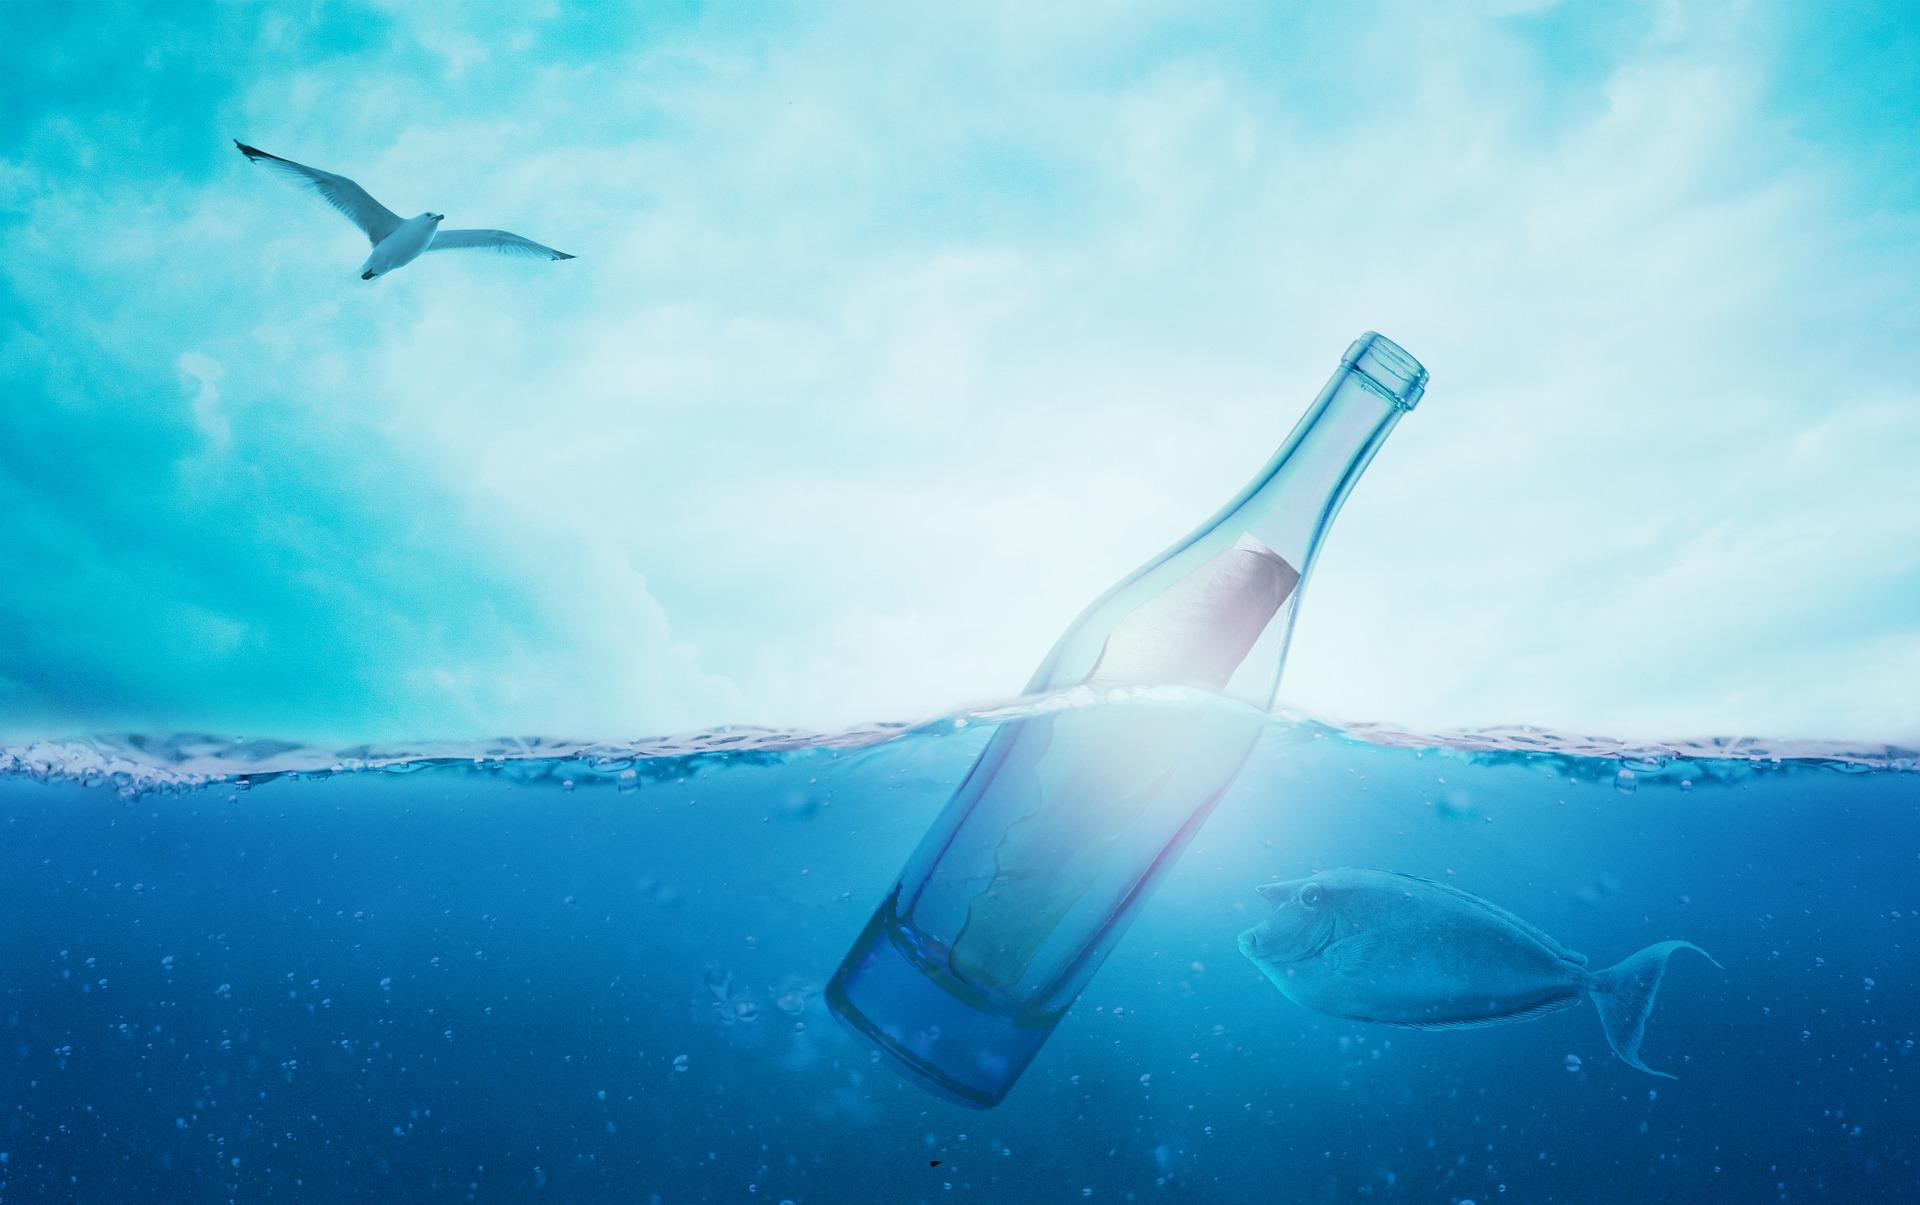 zastosowanie prawa Archimedesa, prawo Archimedesa, siła wyporu, butelka